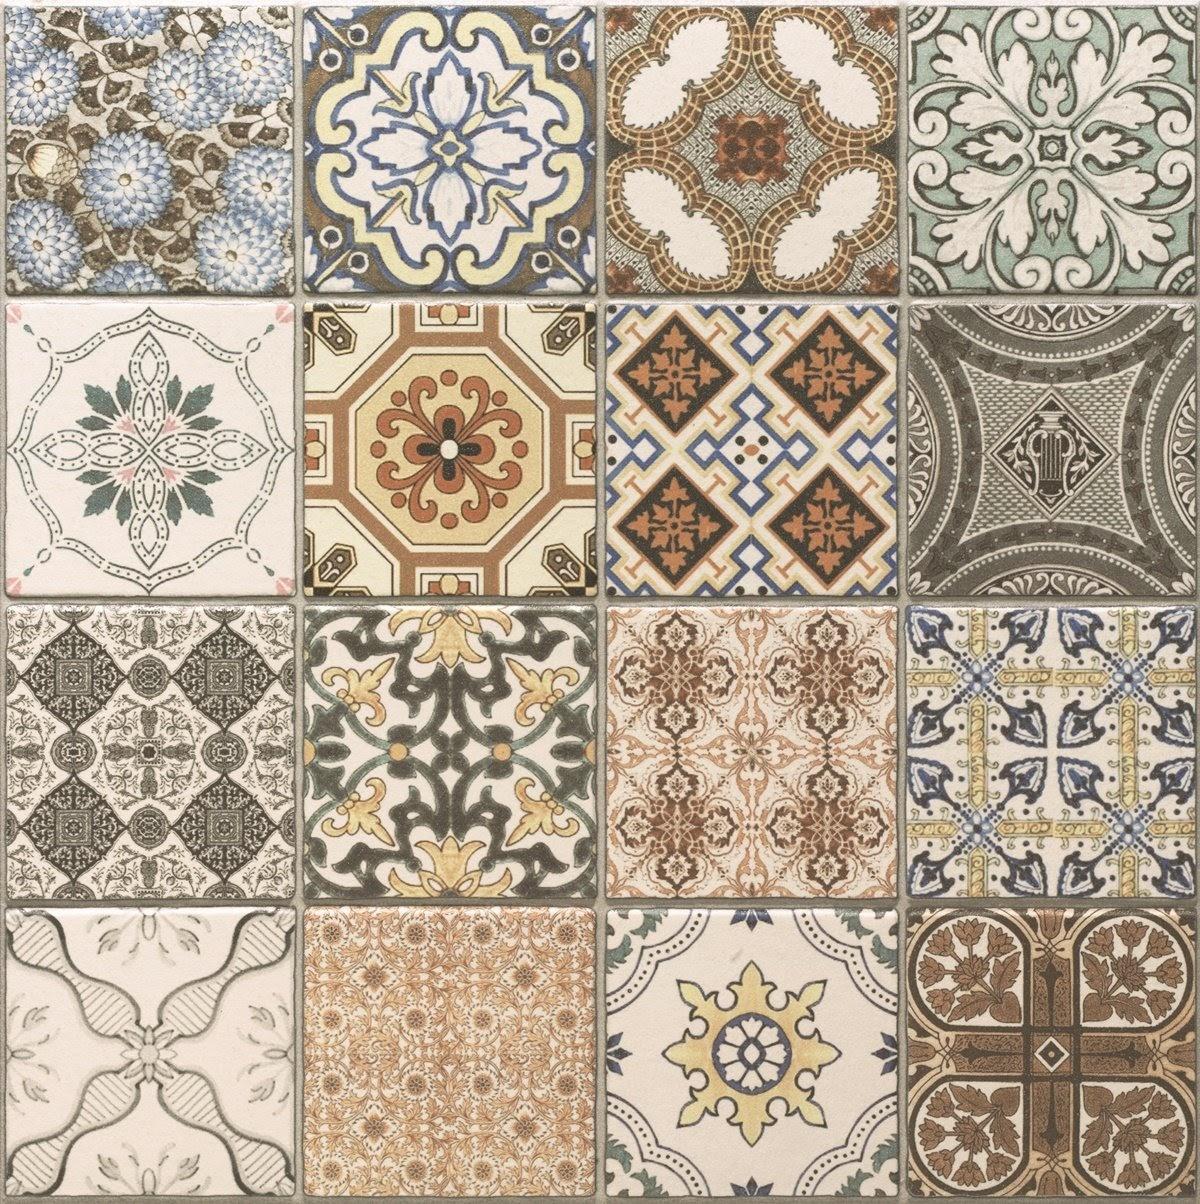 Gạch bông được sử dụng rất nhiều trong các công trình